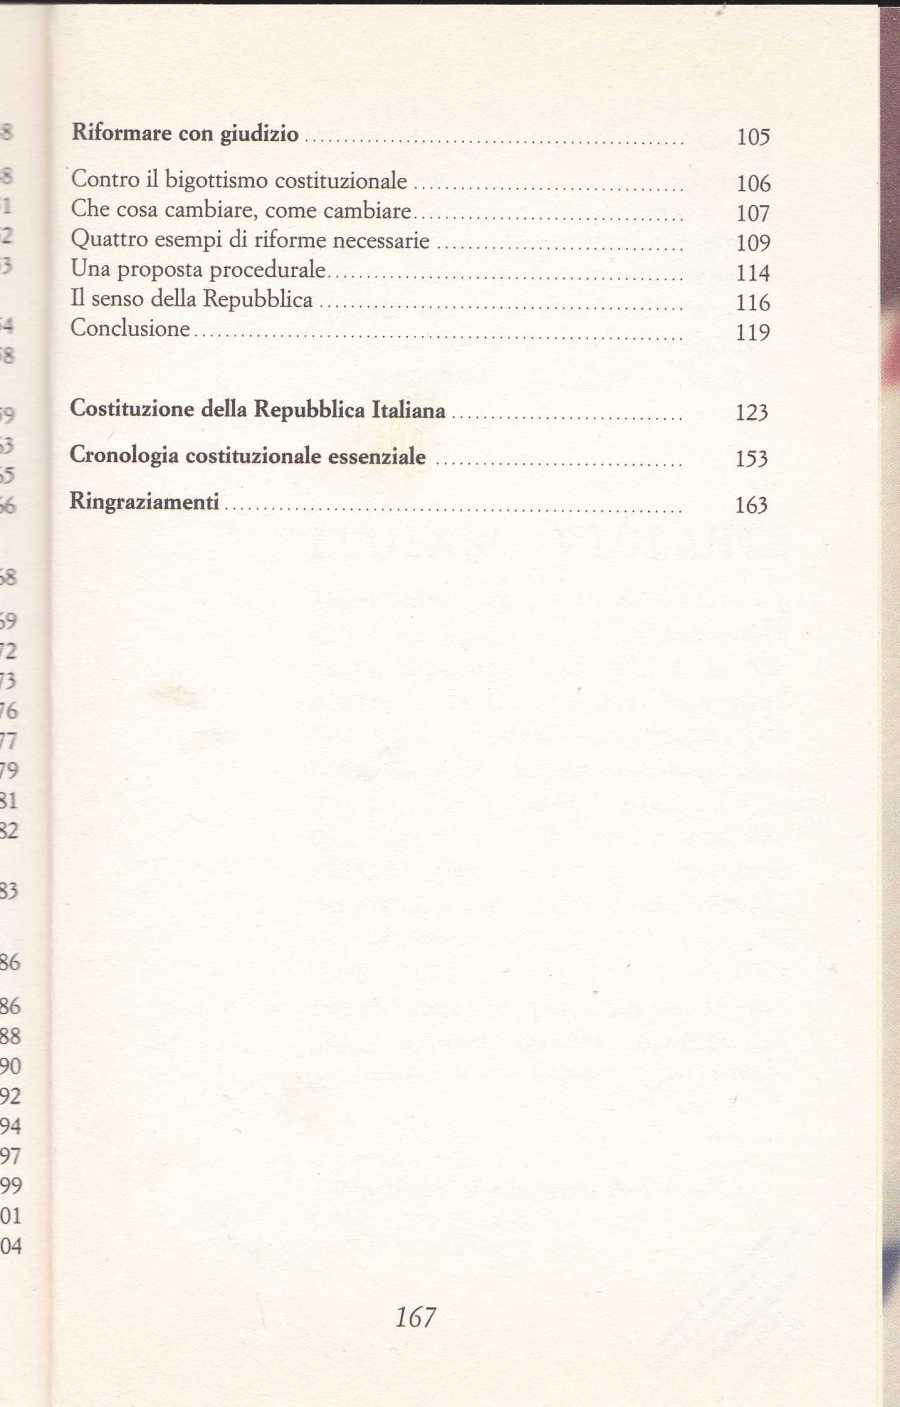 violante giovani costituzione2081